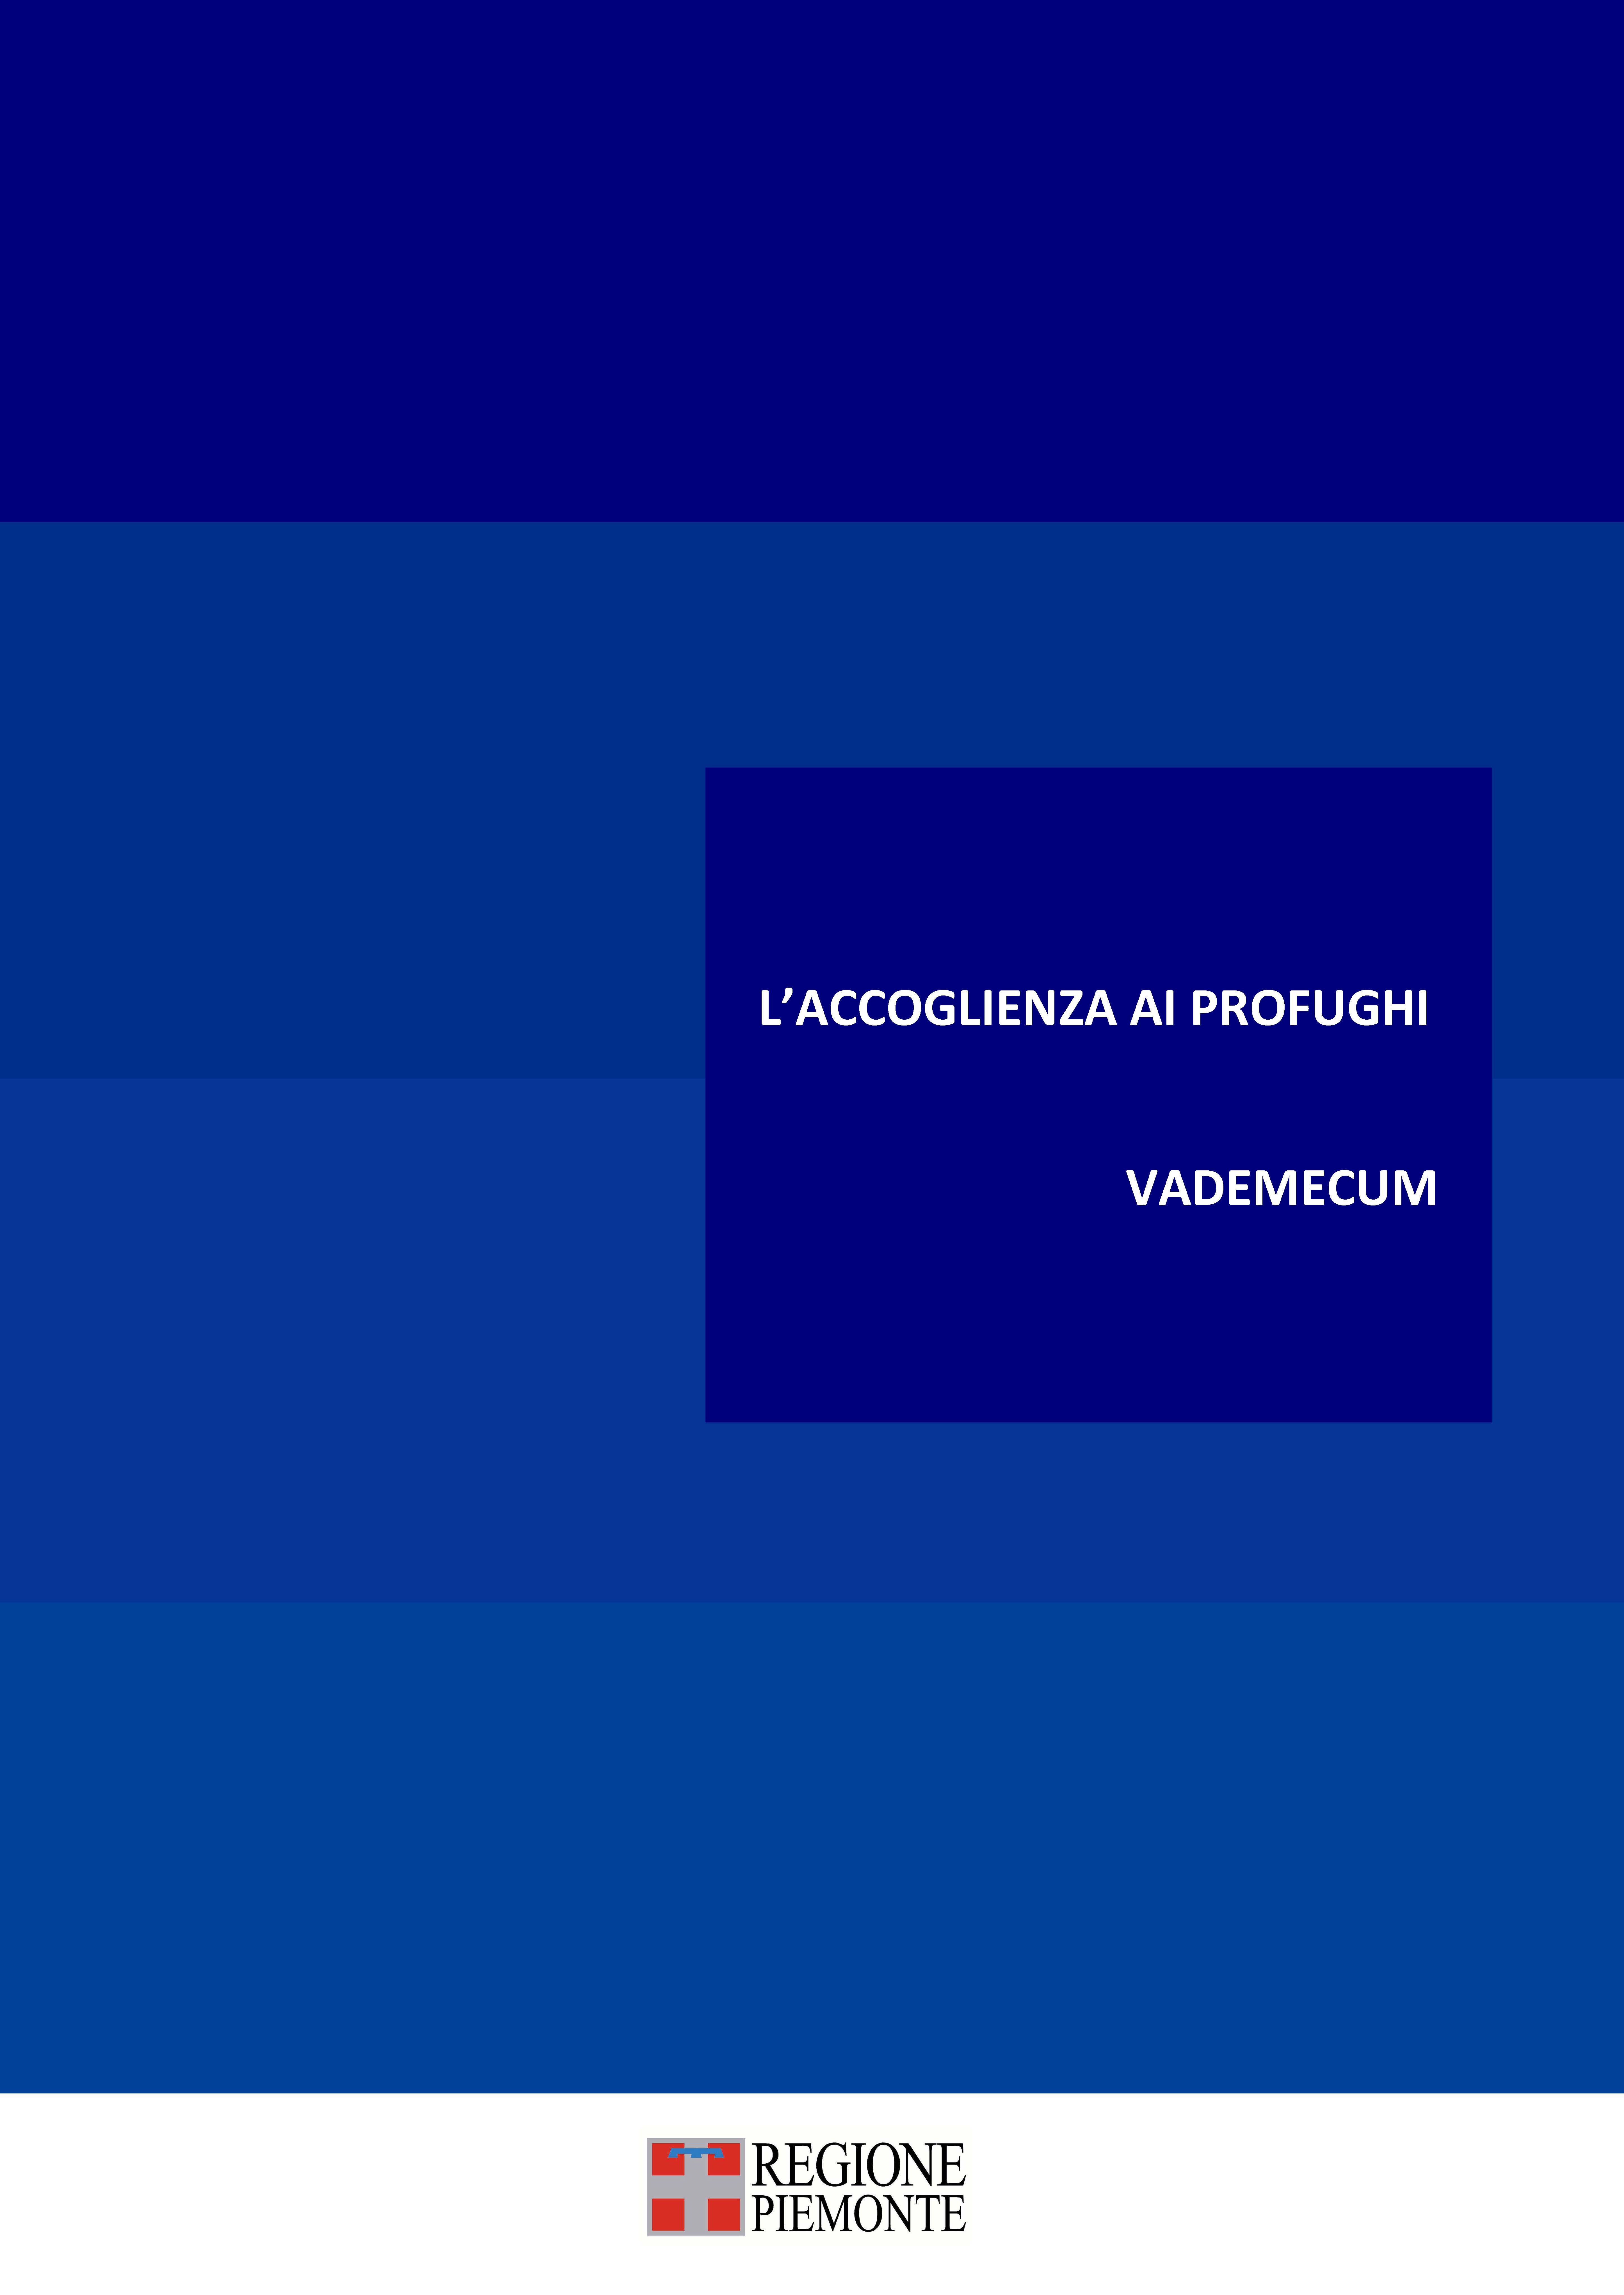 Vademecum_Piemonte_copertina